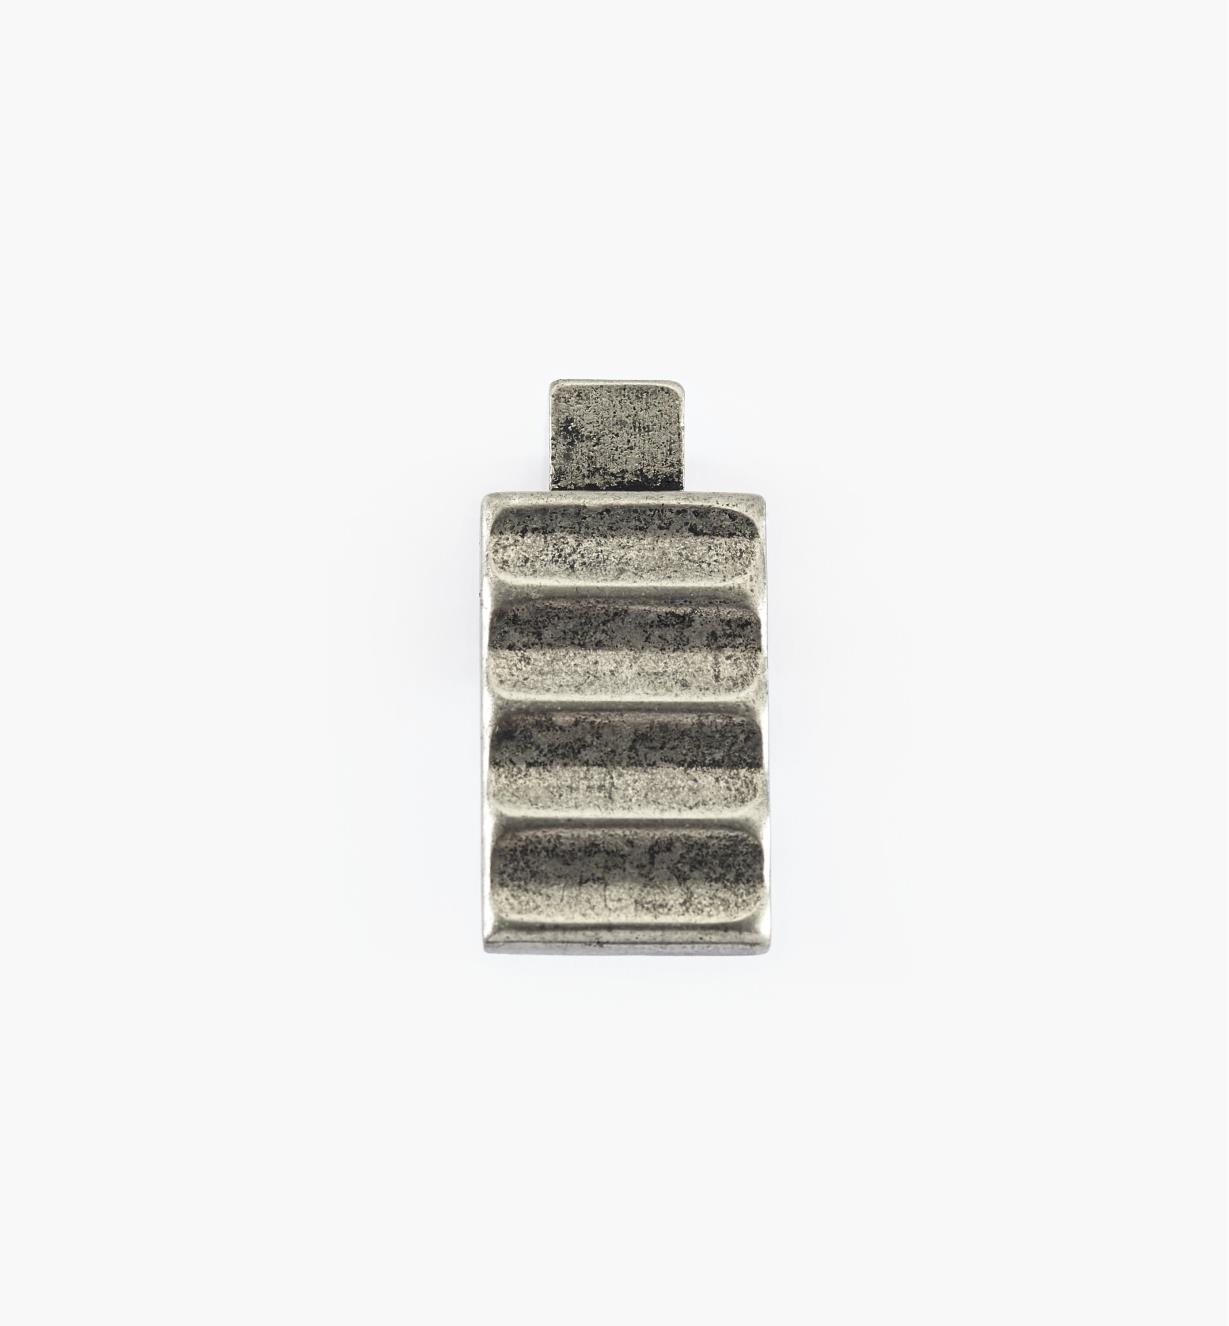 01G1871 - Bouton Passerelle rustique, fini argent antique, 33 mm x 16 mm